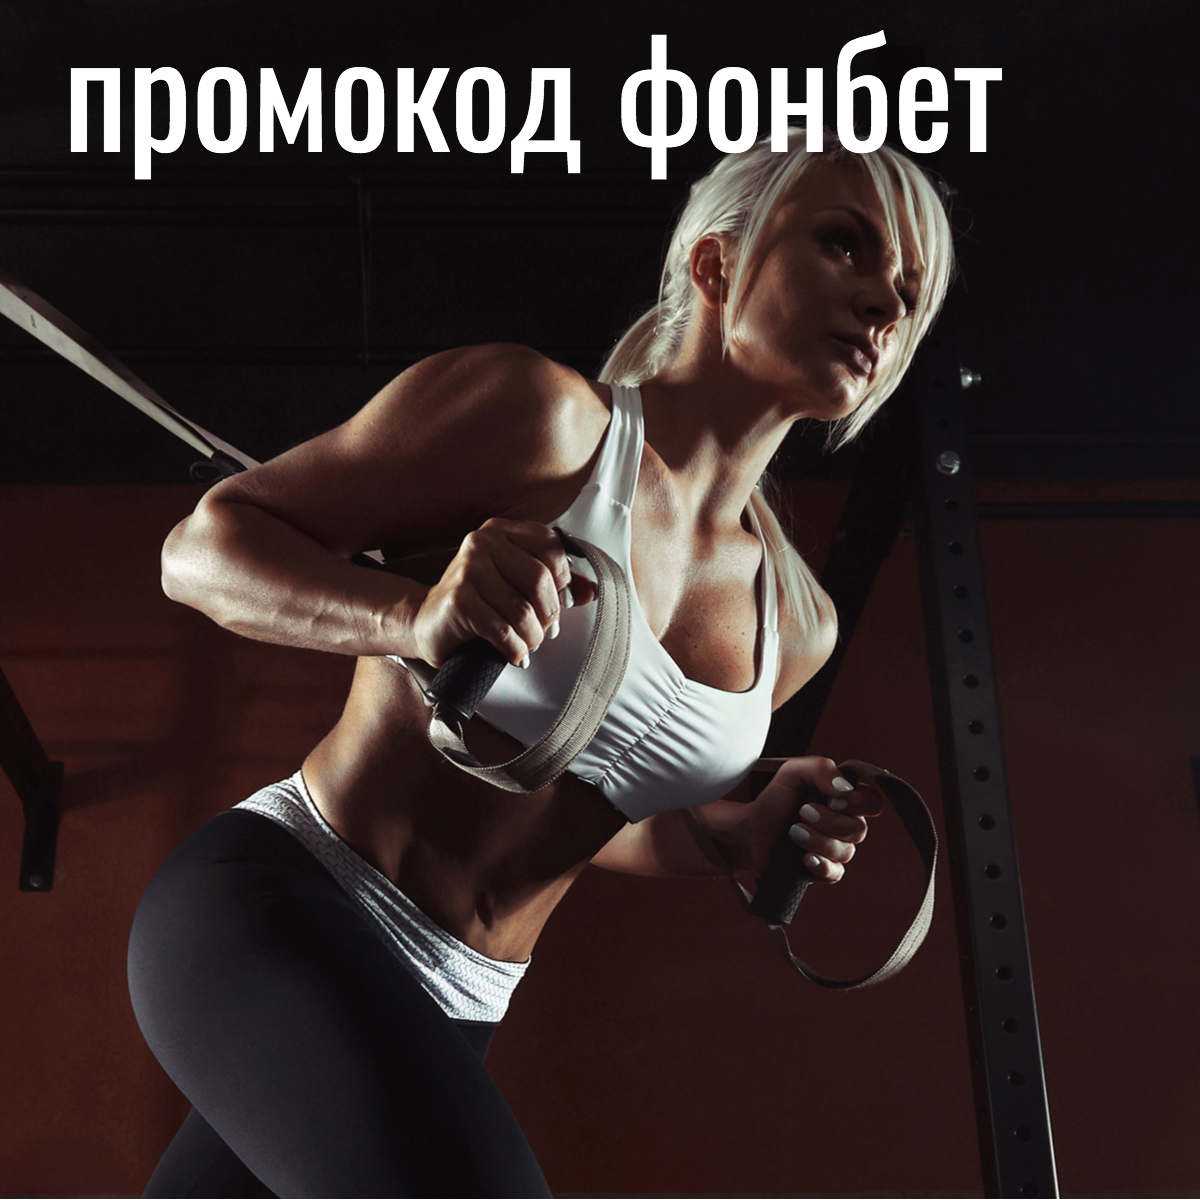 промокод фонбет